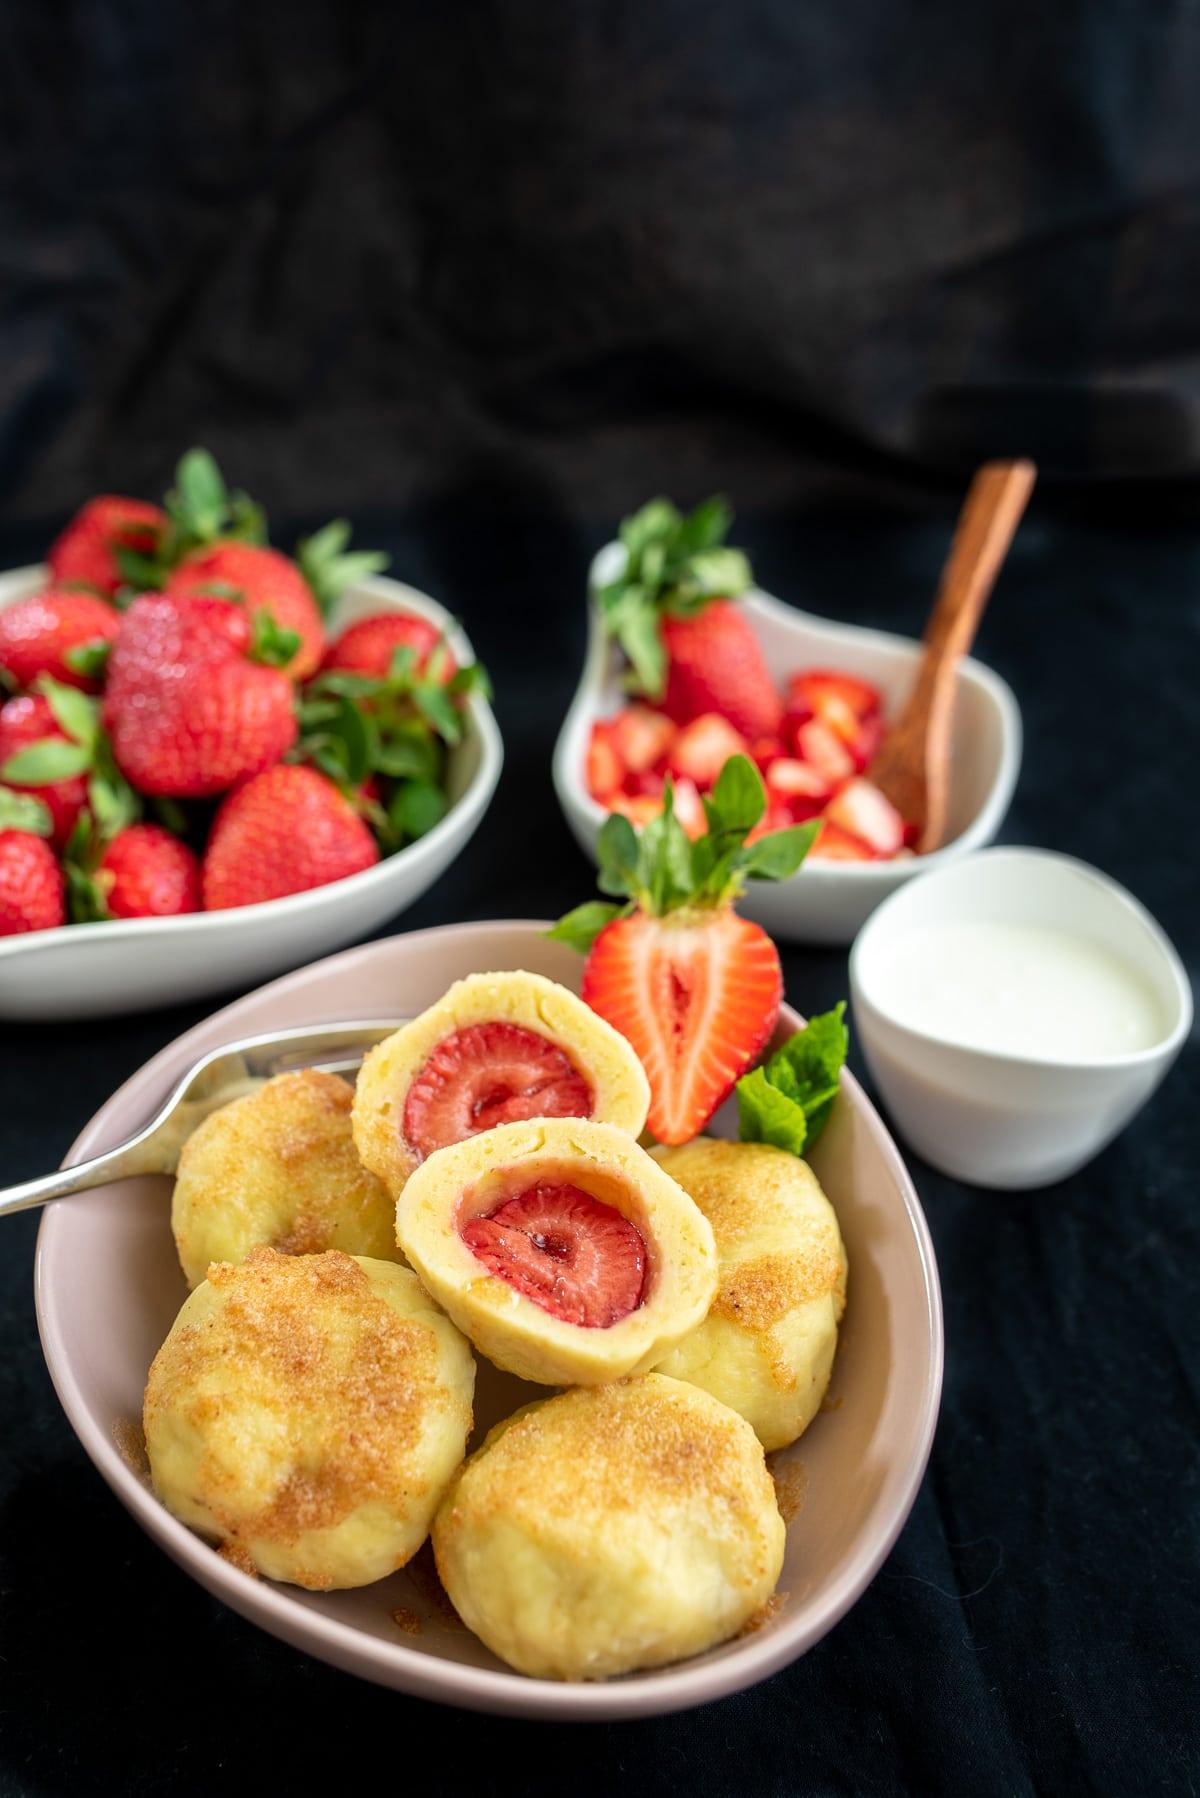 knedle na różowym talerzu polane masłem z tartą bułką, w tle miseczka z truskawkami i śmietaną